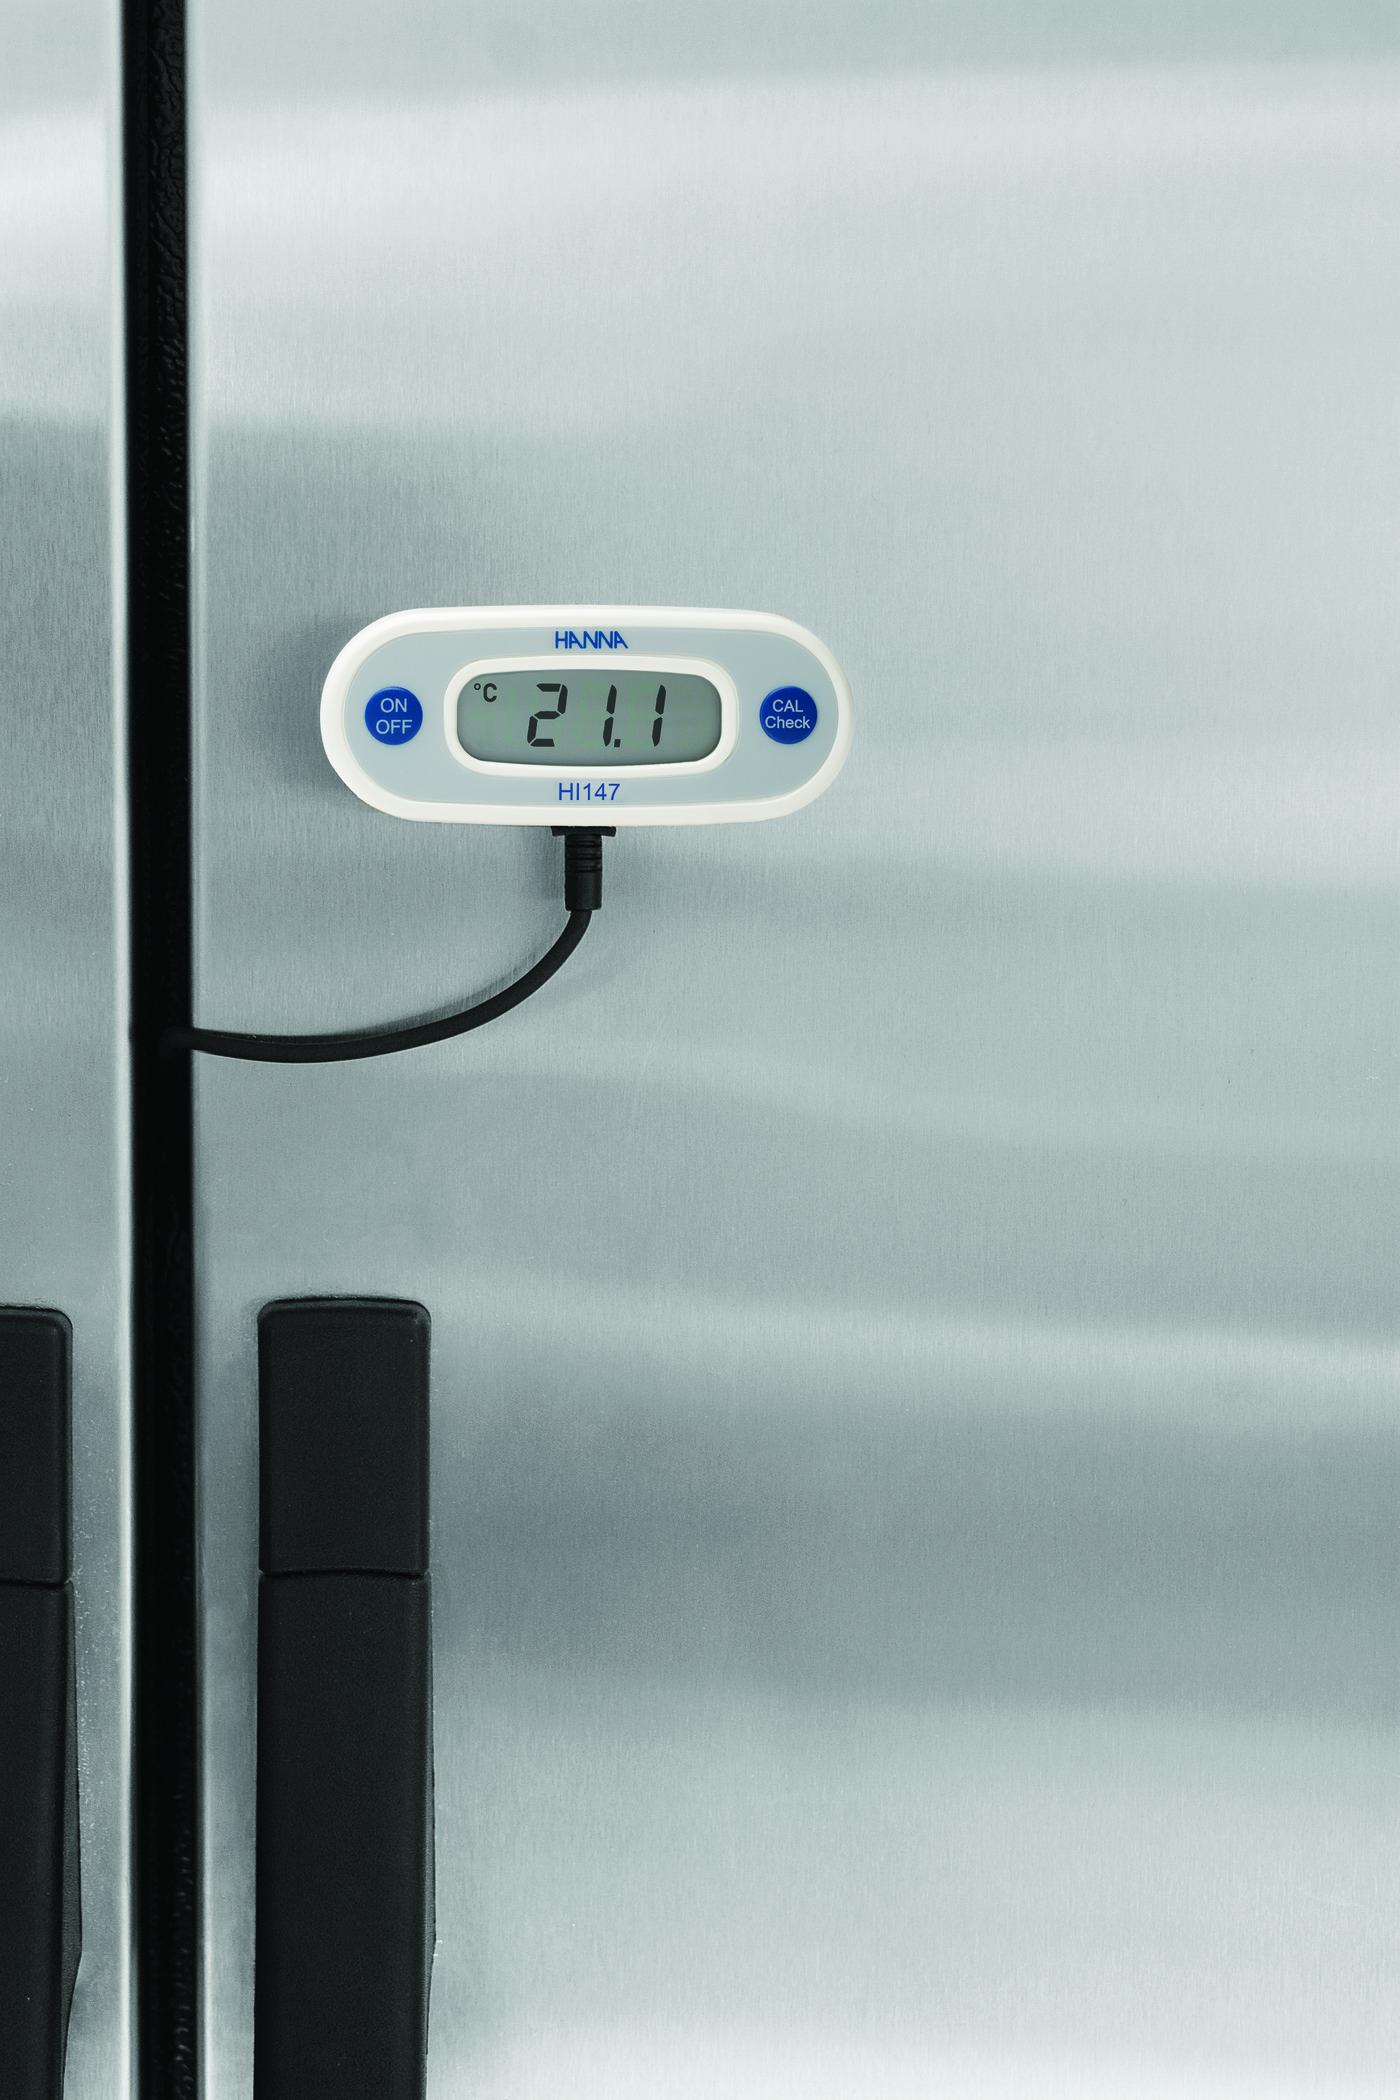 قیمت و خرید دماسنج دیواری مخصوص یخچال و اینکوباتور HI147